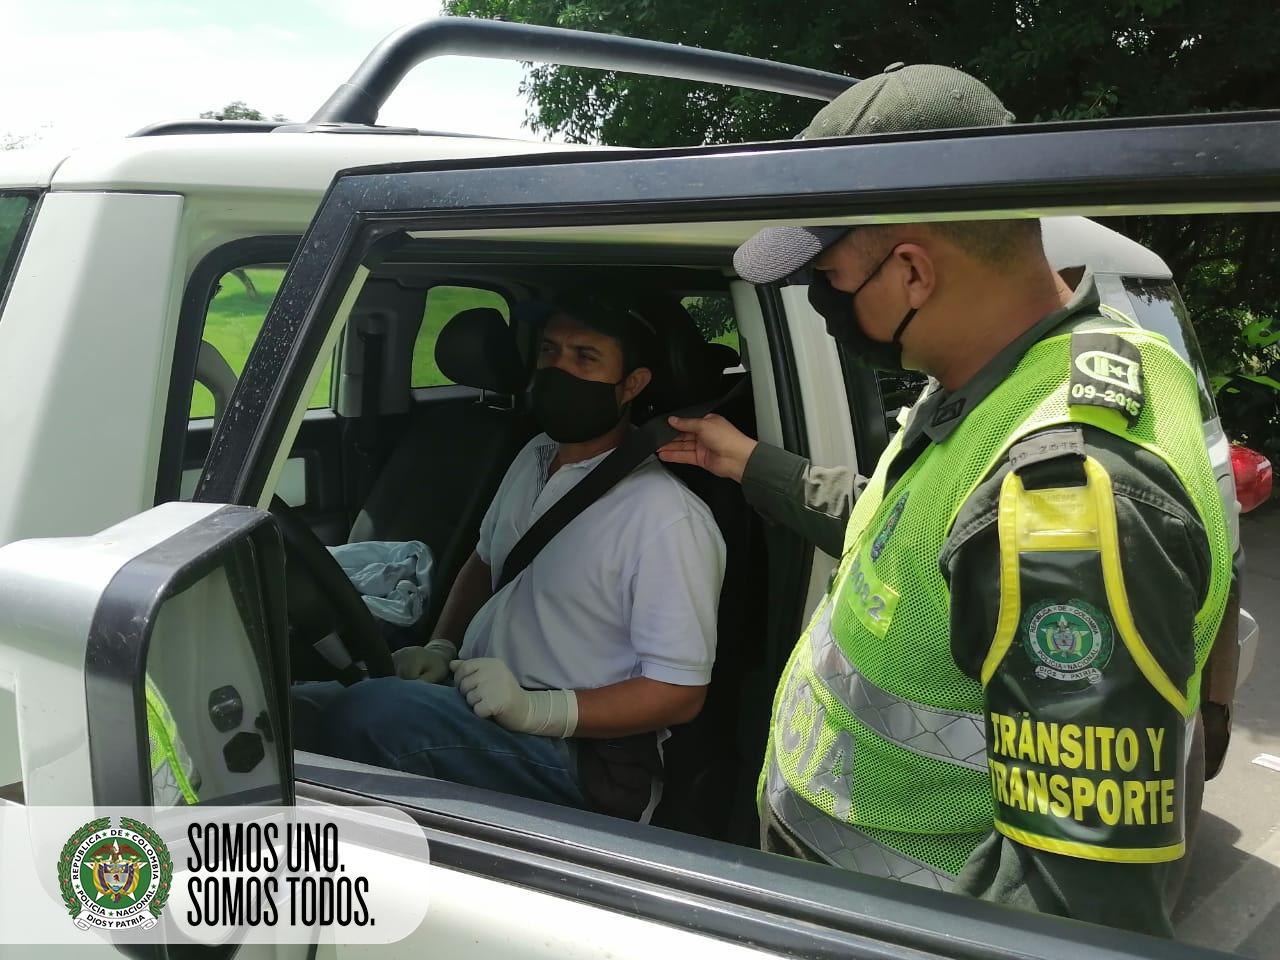 Con reducción en la accidentalidad avanza el plan éxodo en Antioquia